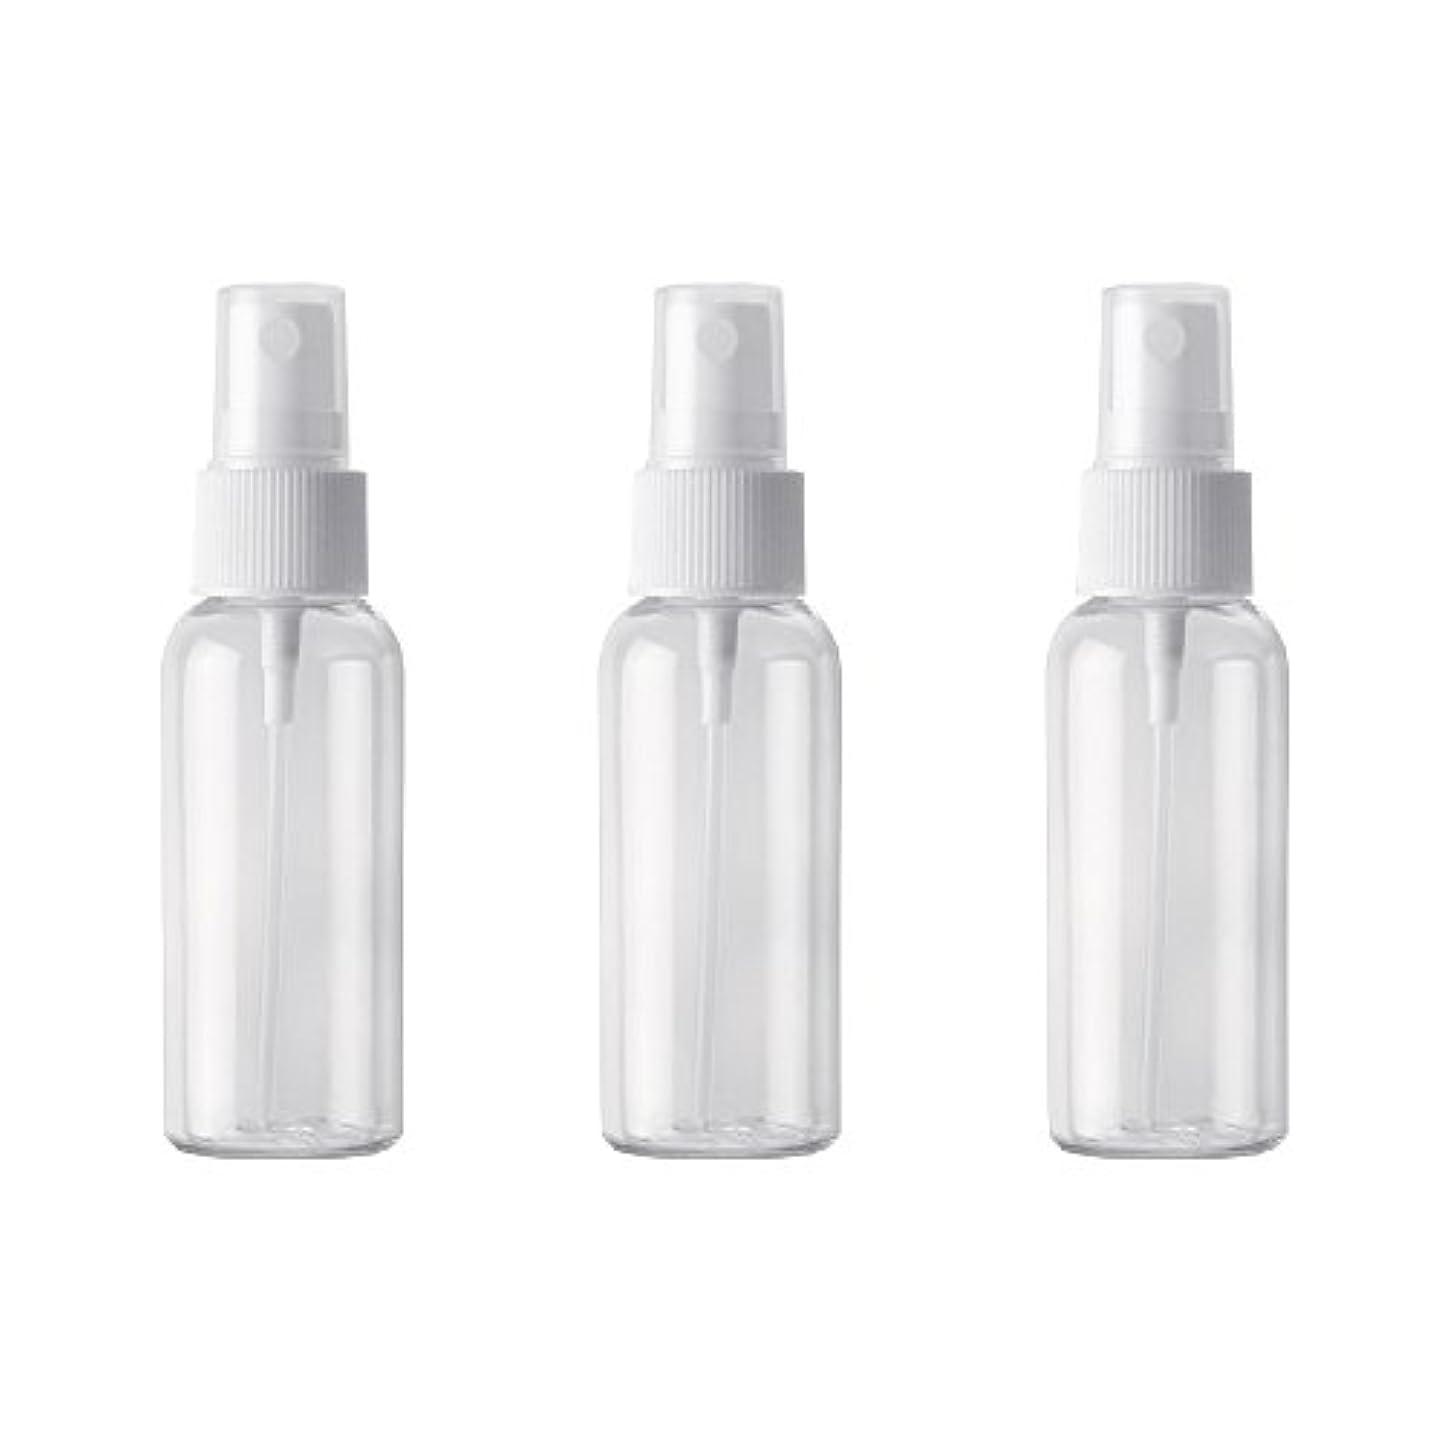 悪質なキャプション評価PET小分けボトル トラベルボトル スプレーボトル 3本セット 霧吹き 小分け容器 化粧水 精製水 詰替ボトル 旅行用(50ml )